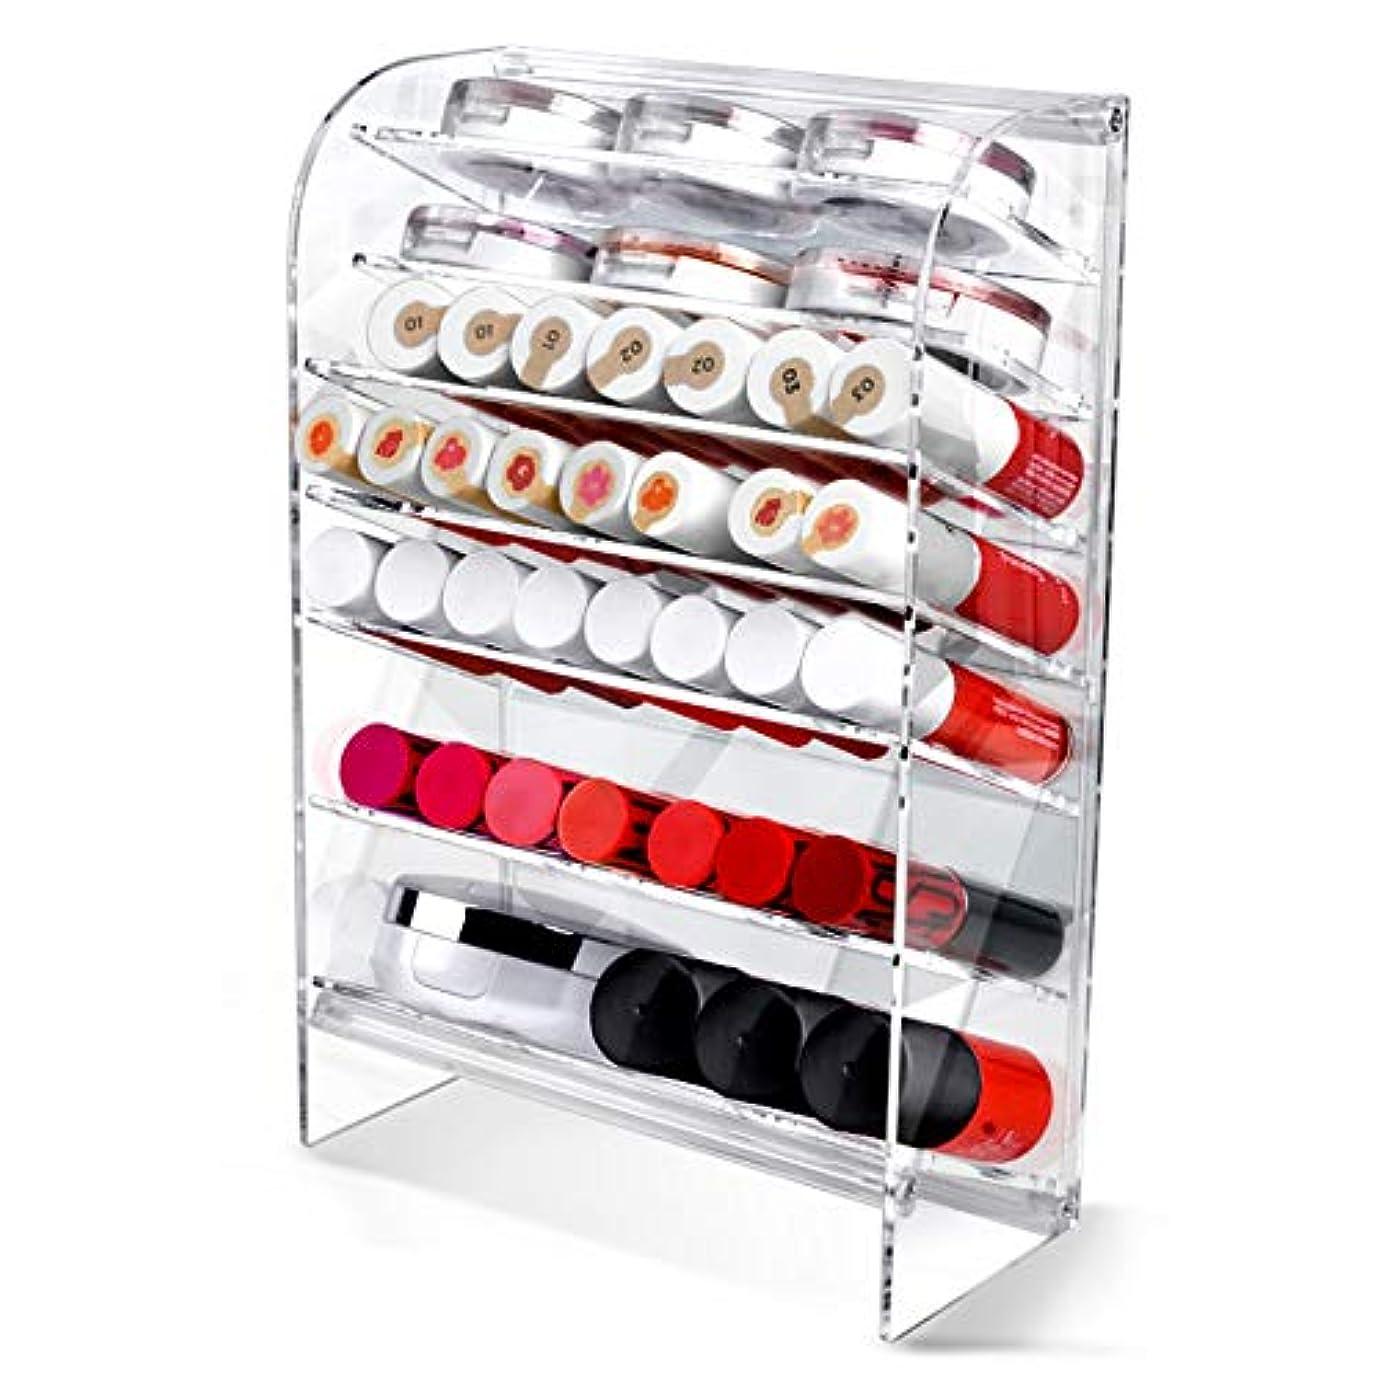 巻き戻す非アクティブ地下Acrylic アクリル DIY Cosmetic 透明 コスメケース メイクケース メイクボックス 化粧品 入れ コスメ リップスティック 収納 スタンド/Organizer storage For lipstick...